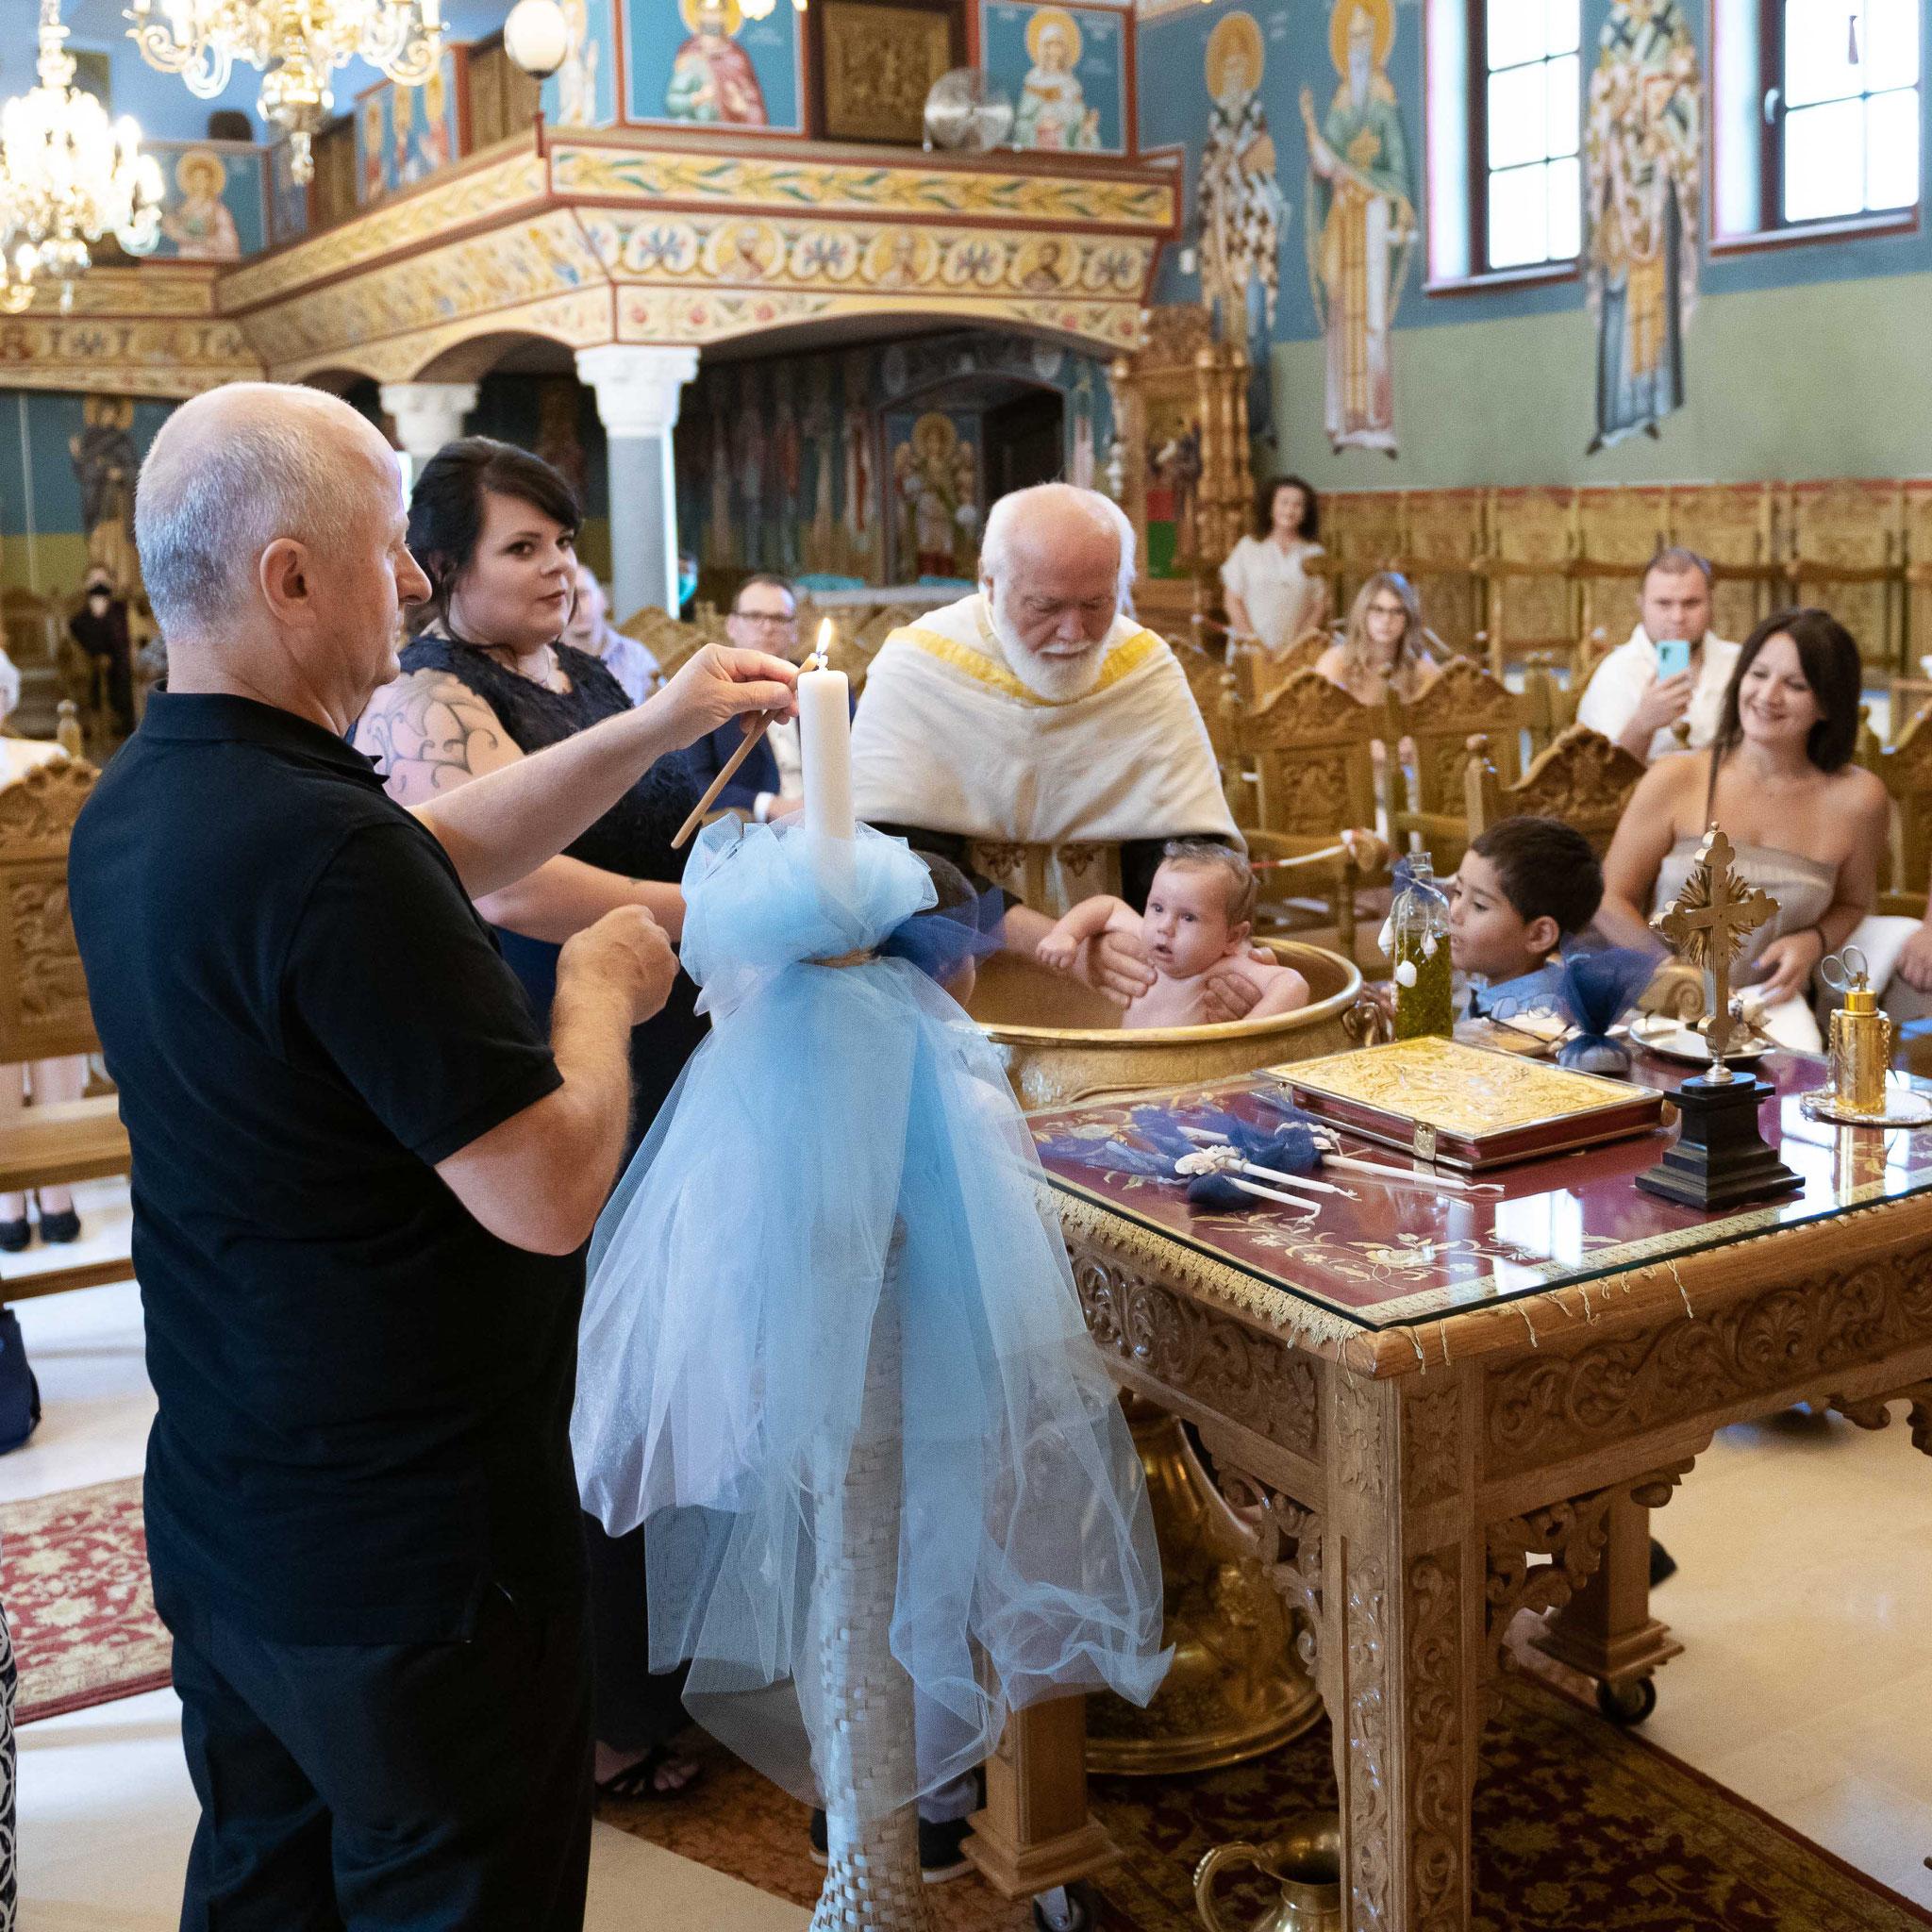 Das Kind wird vor der Taufe in den Becken gesetzt